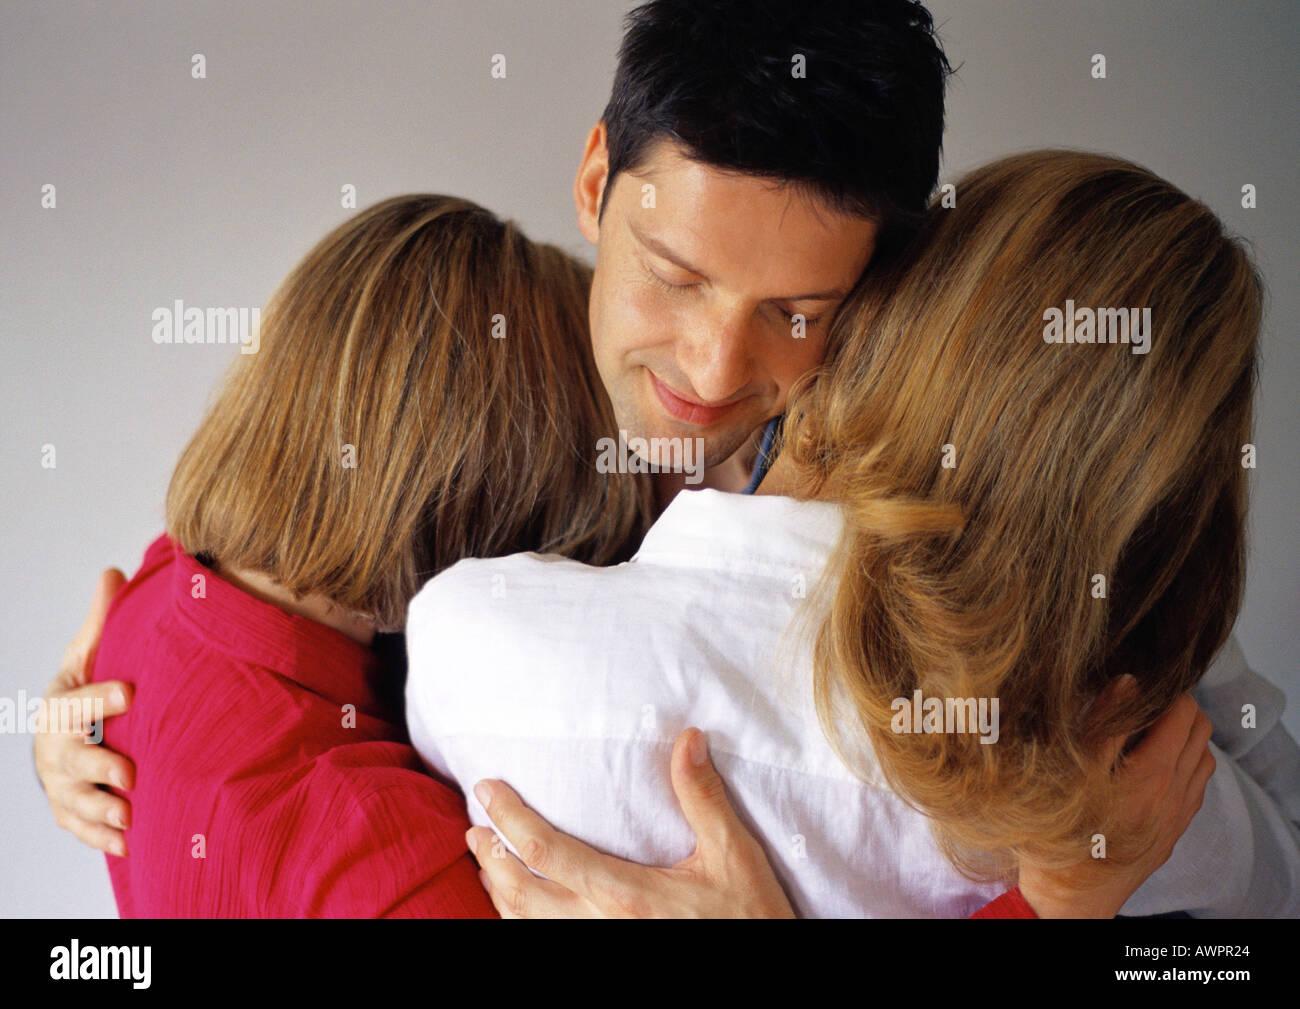 Man hugging two women, eyes closed - Stock Image